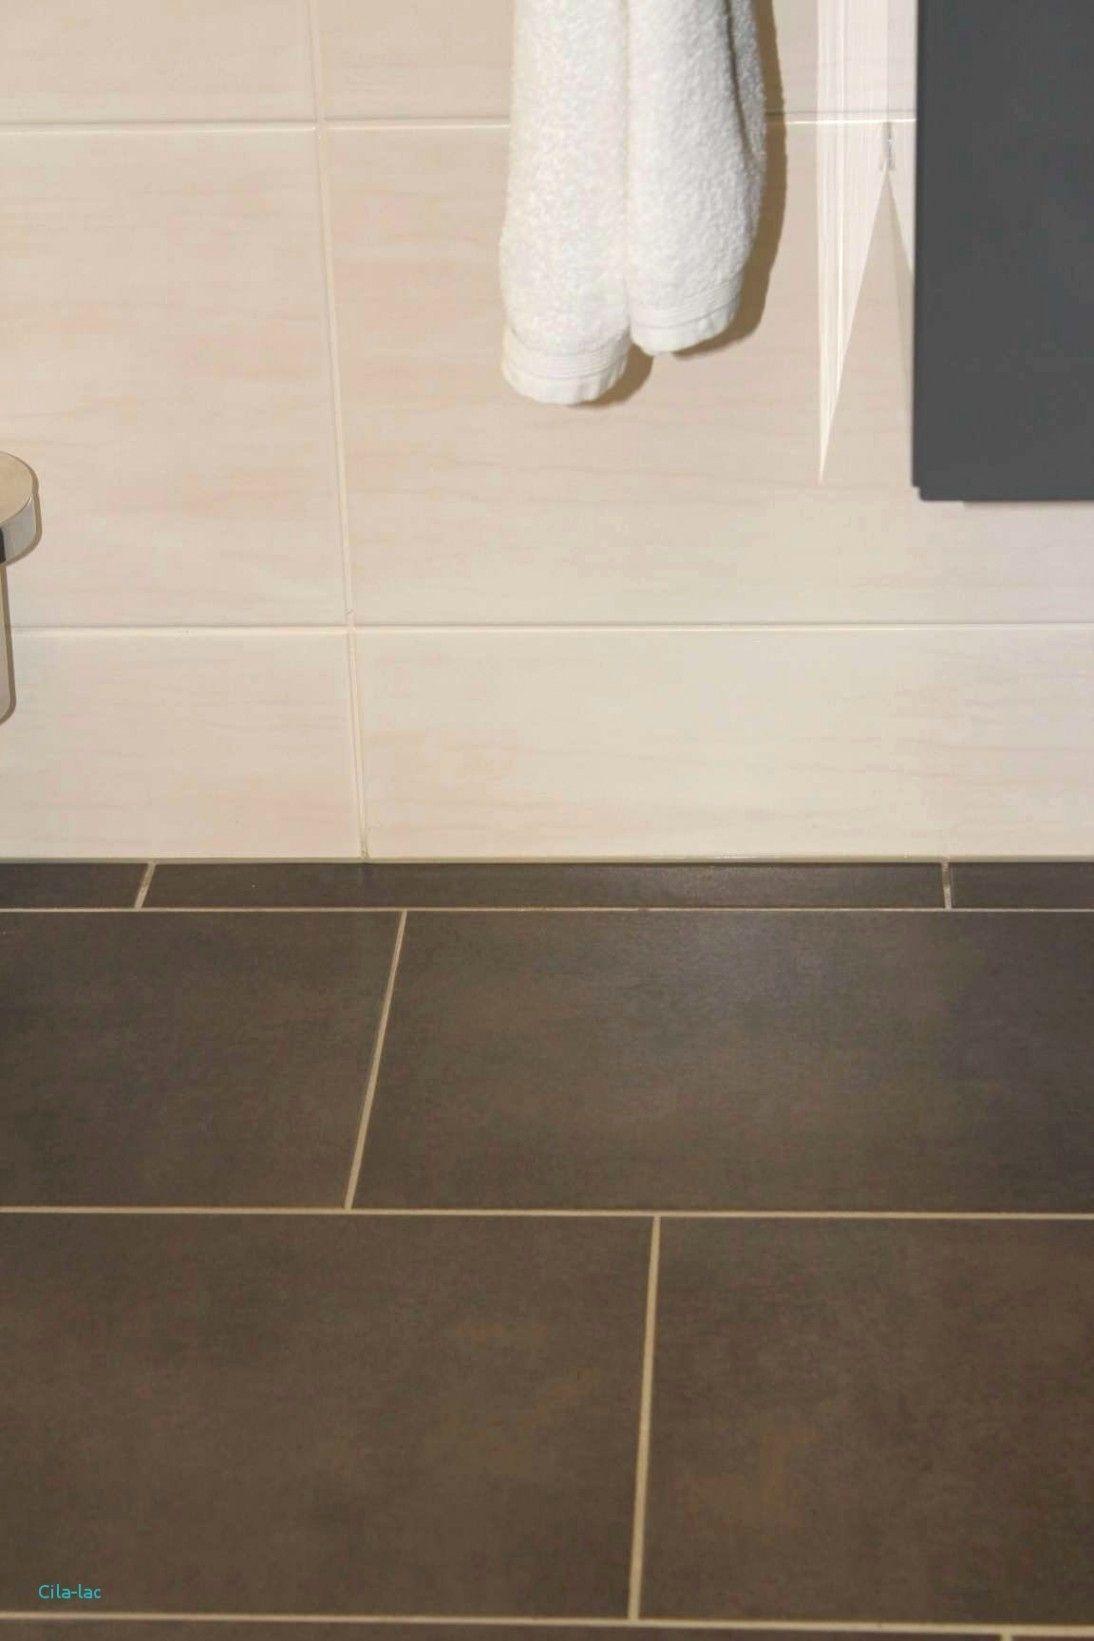 47 Einzigartig Kuche Beleuchtung Arbeitsplatte Ohne Hangeschranke Flooring Tile Floor Kitchen